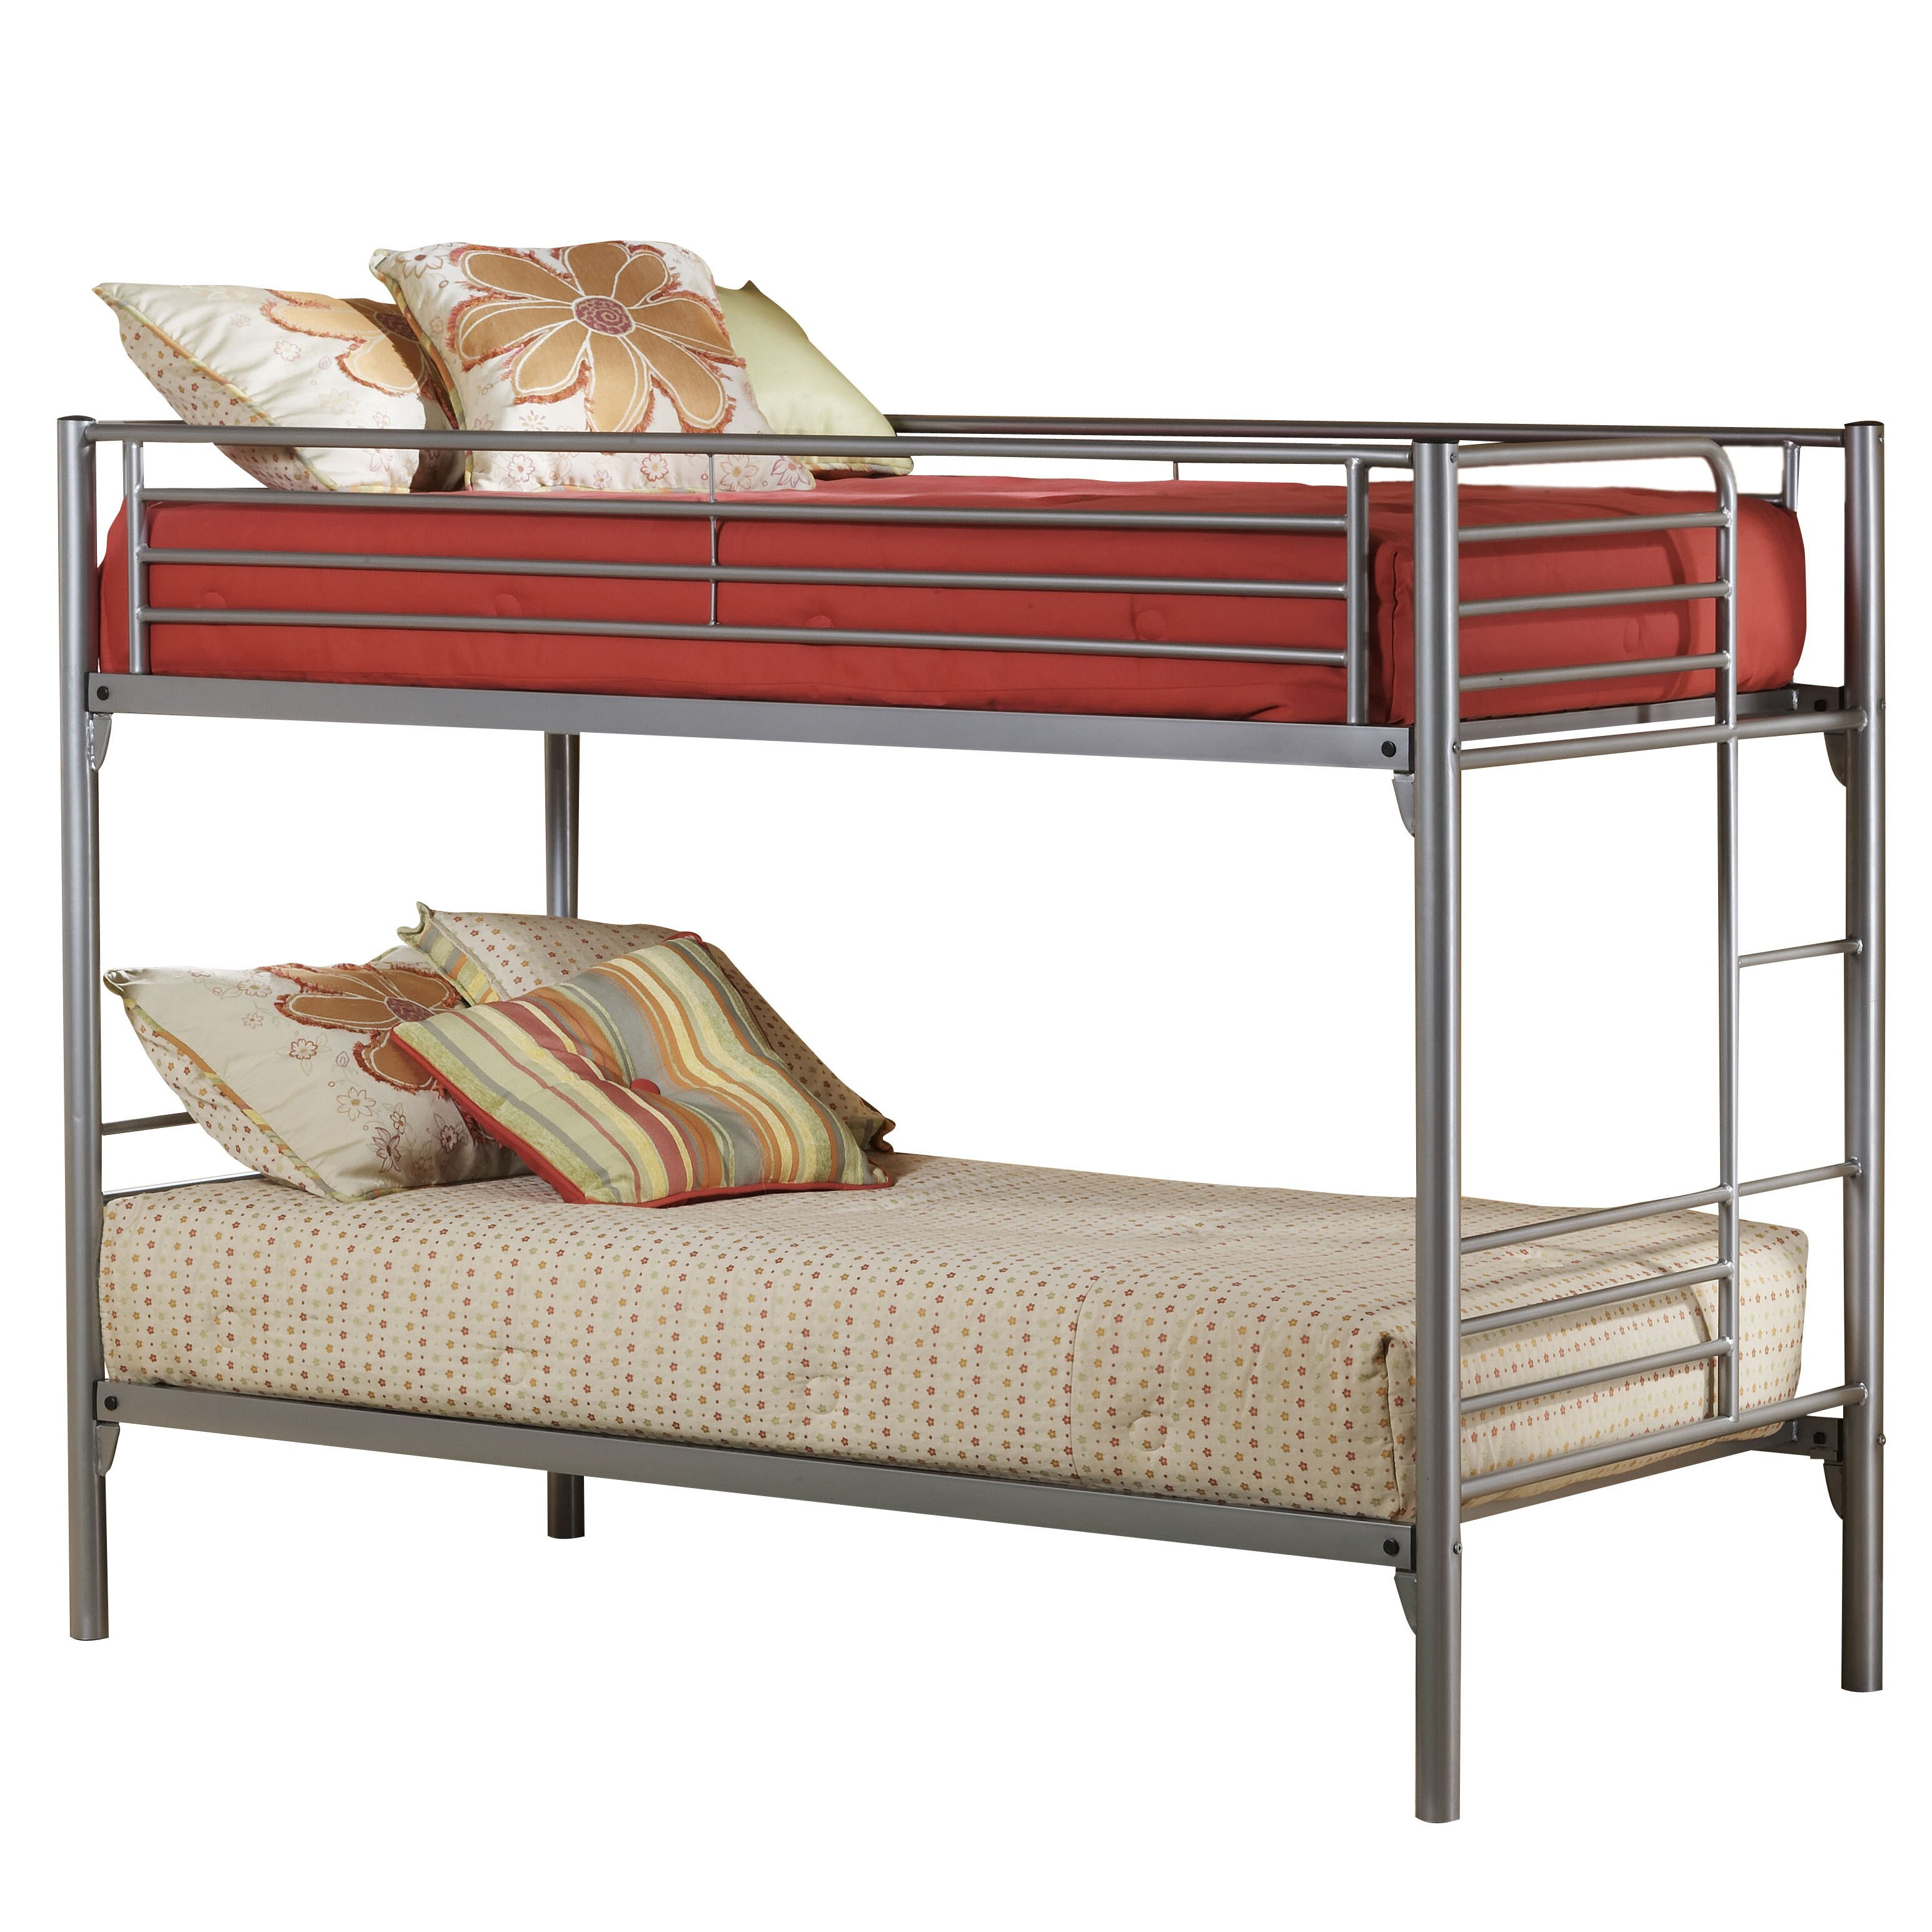 Zoomie kids harlow twin bunk bed reviews wayfair for Harlowe bed